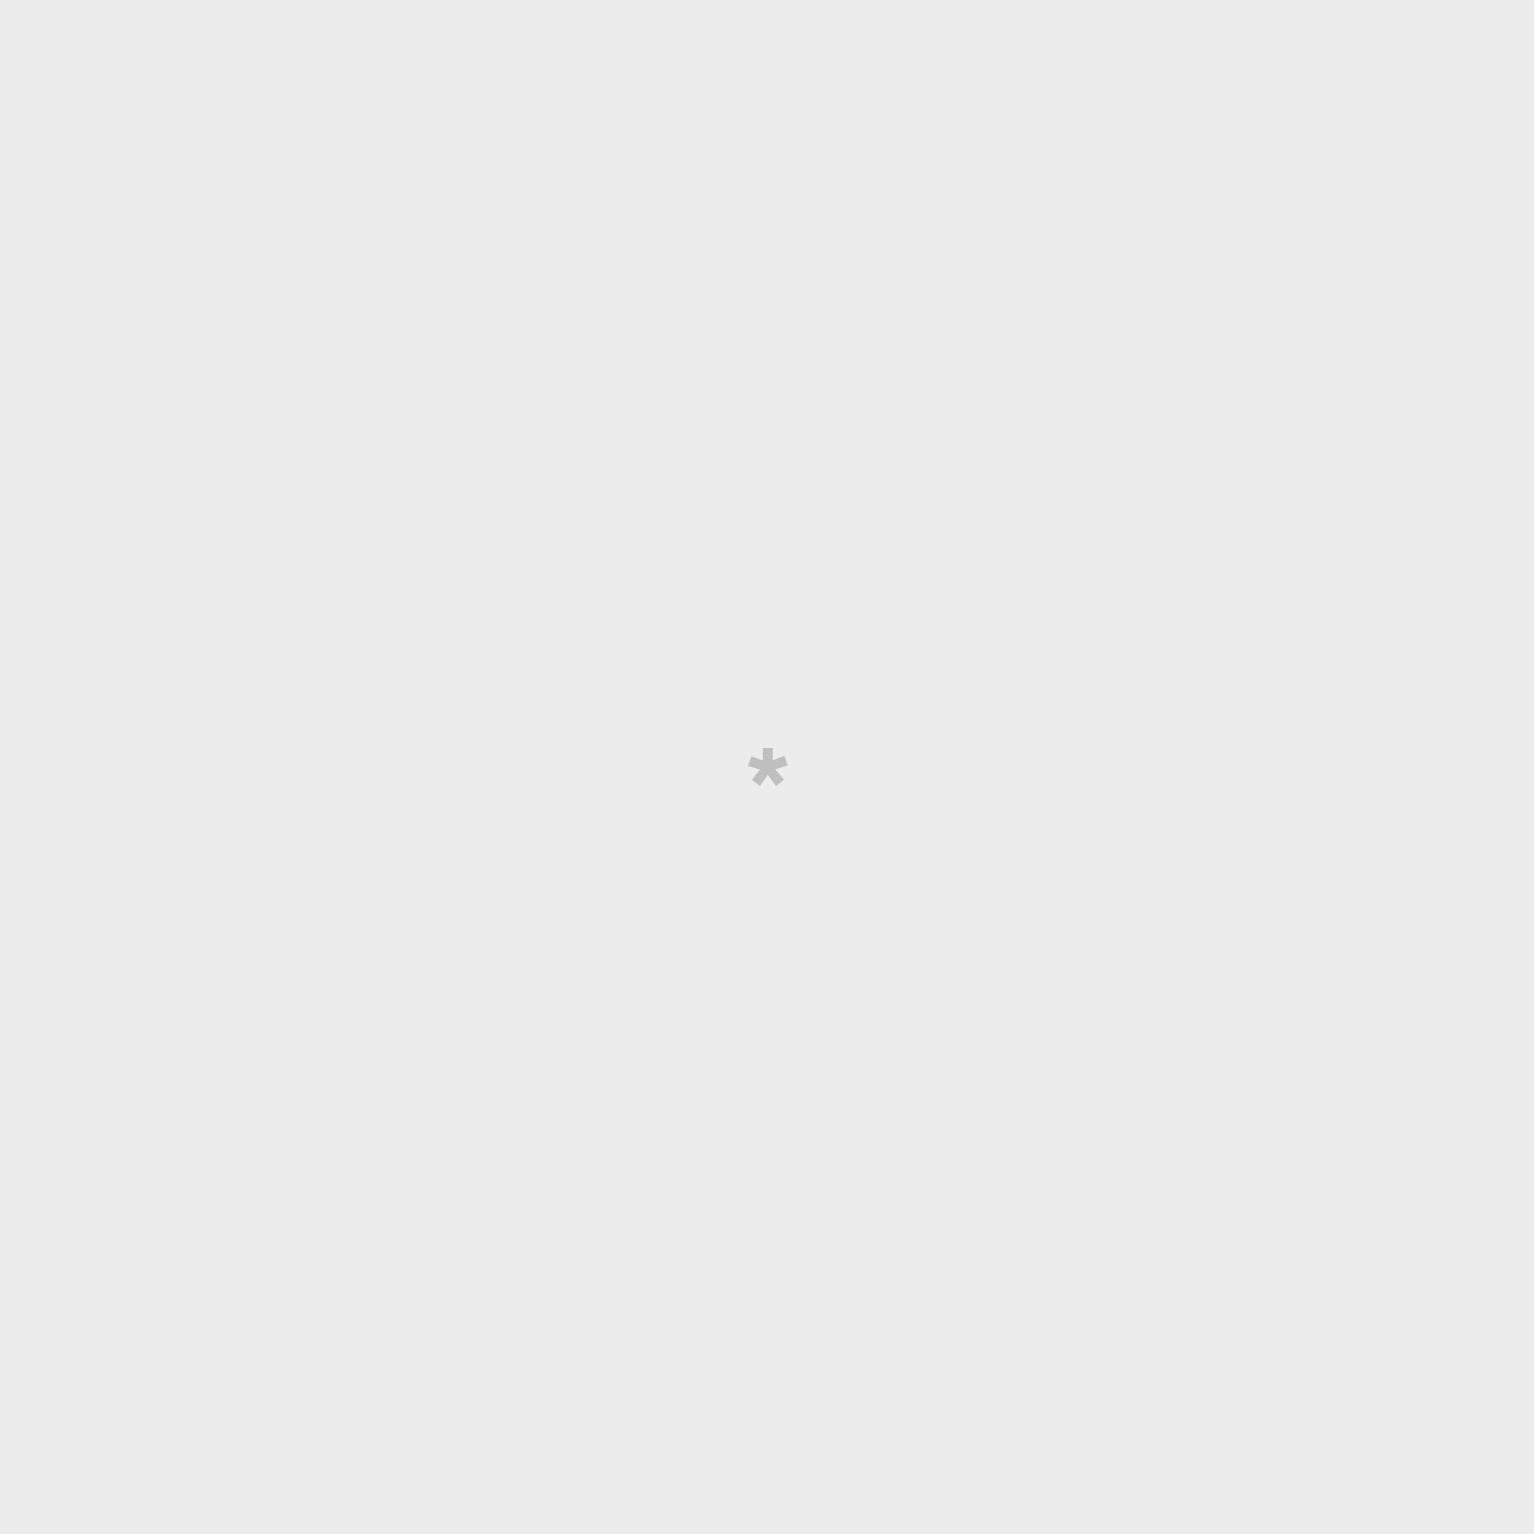 Caderno pequeno - A partir de agora, de uma vez por todas e...